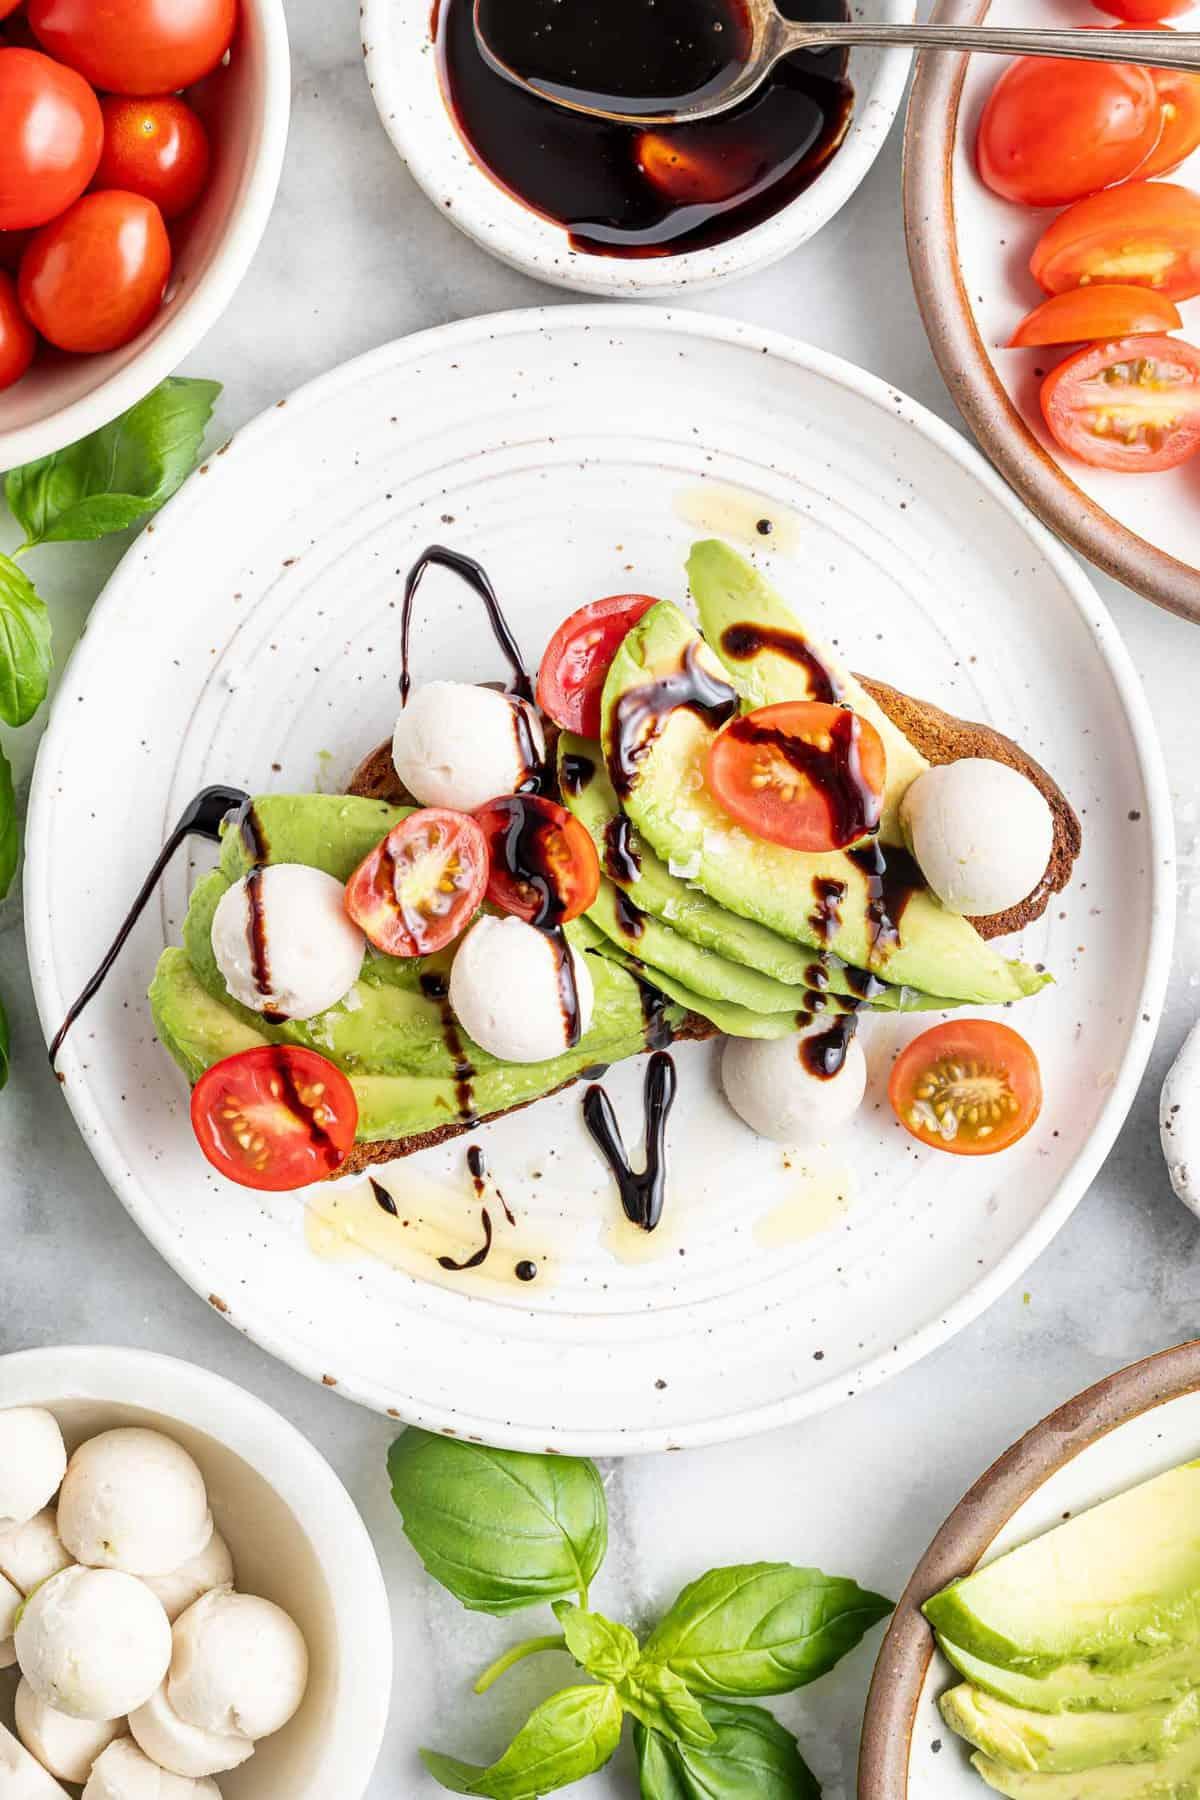 Caprese avocado toast drizzled with balsamic glaze.